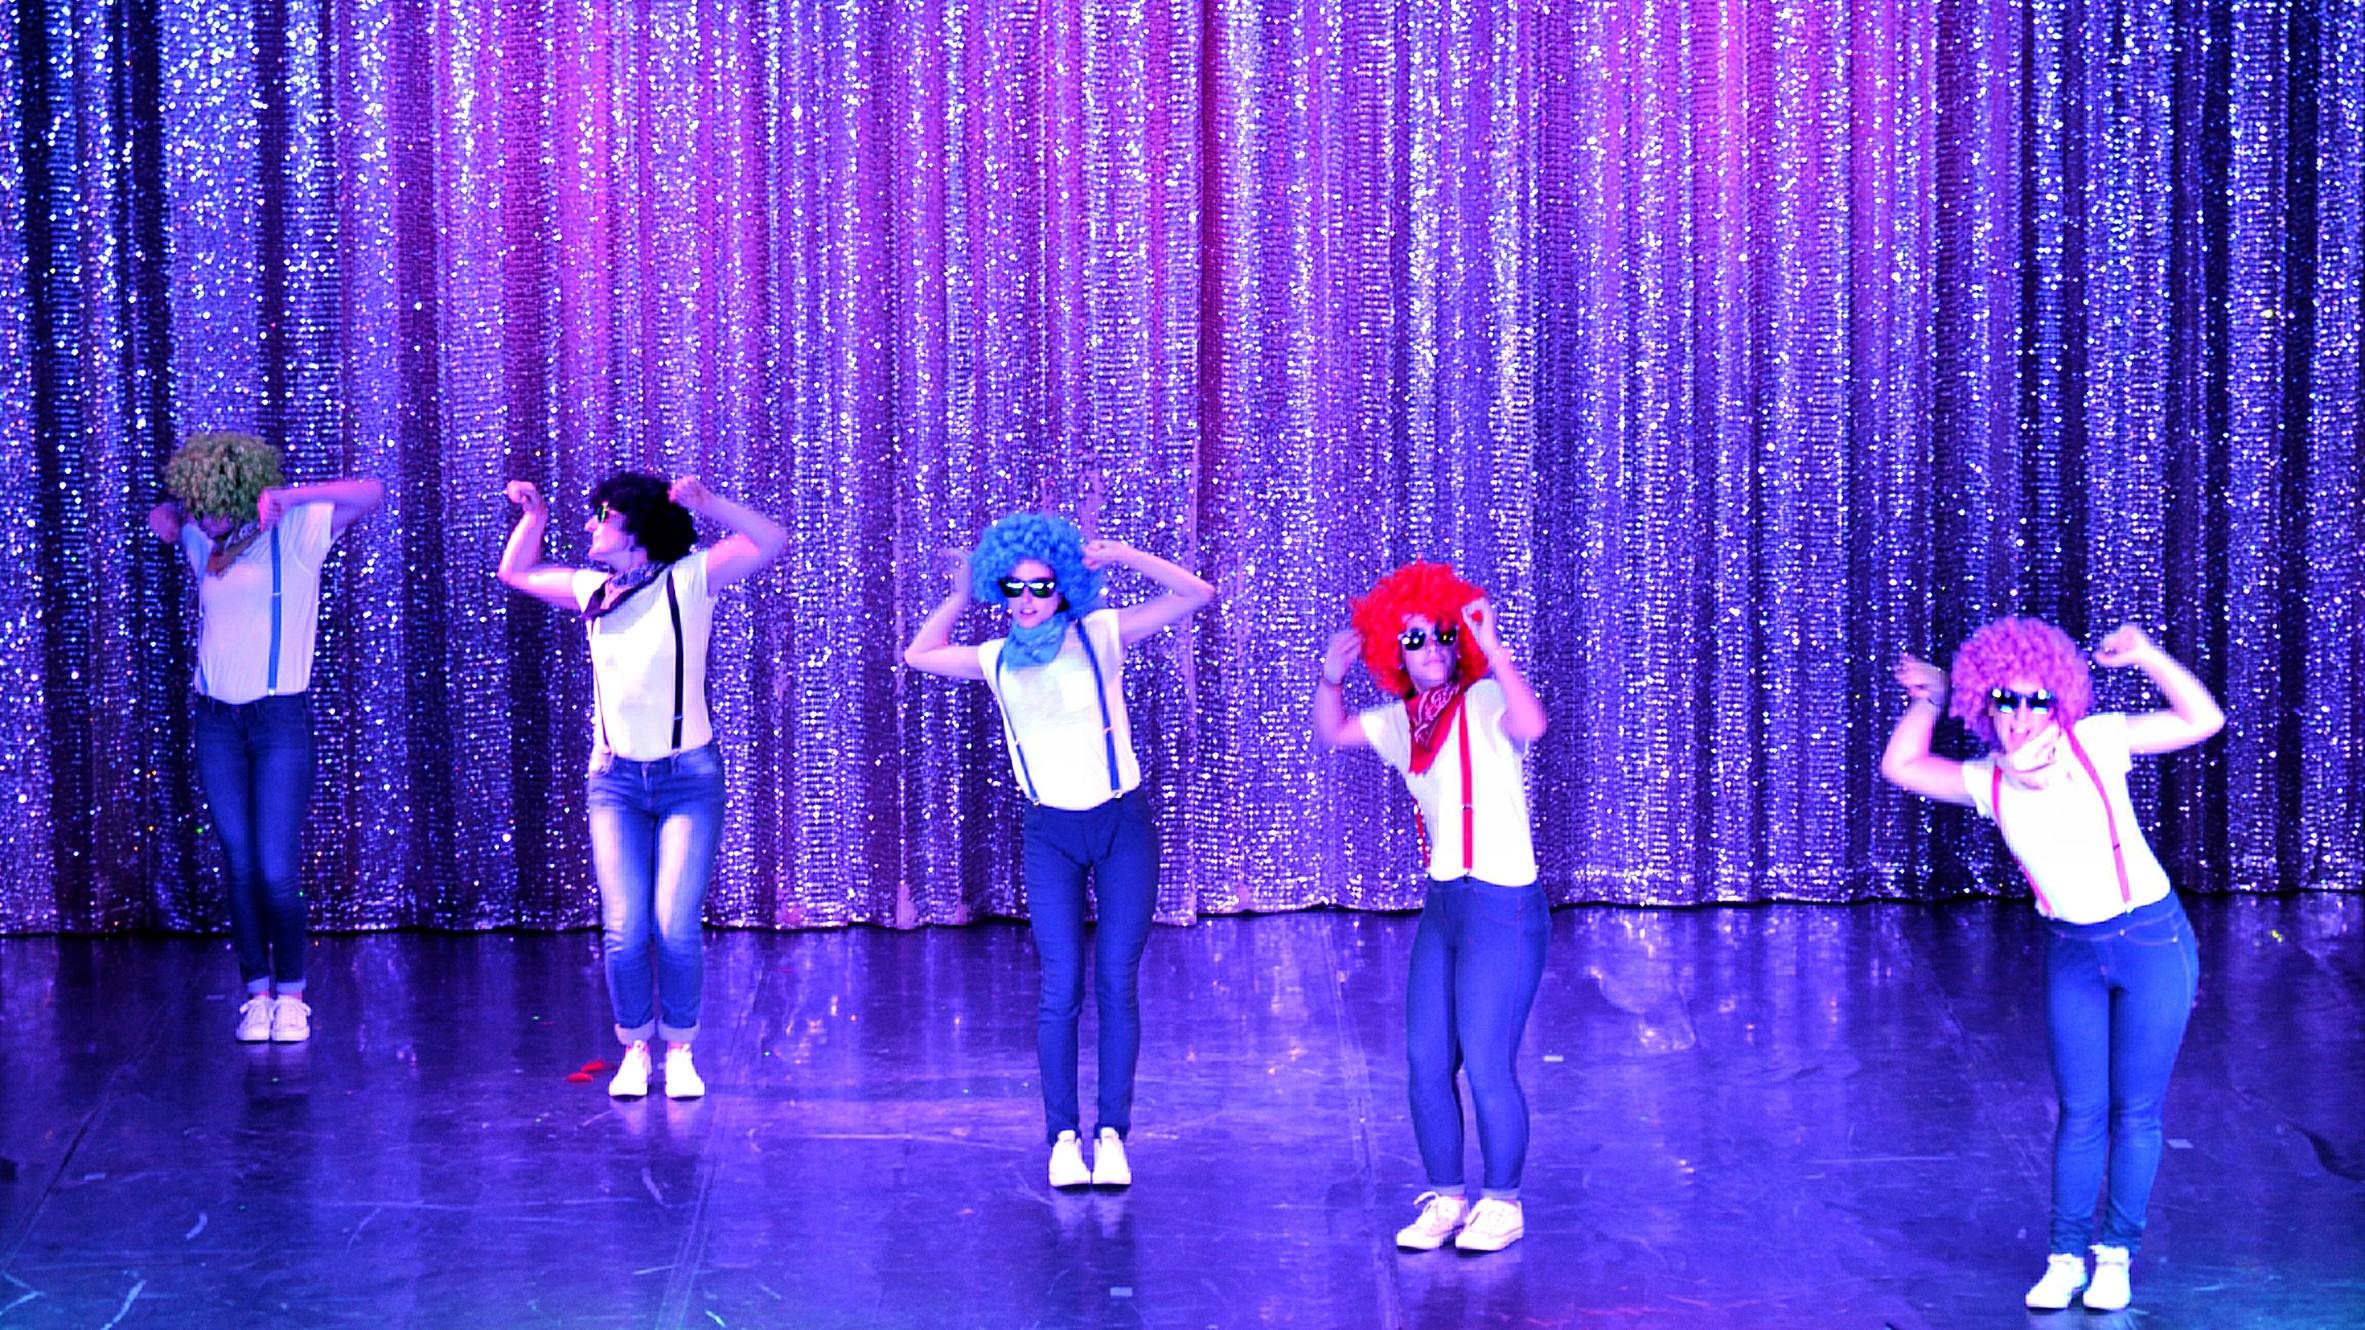 Linea-de-Baile-festival-verano-2015-clases-de-baile-valencia-43